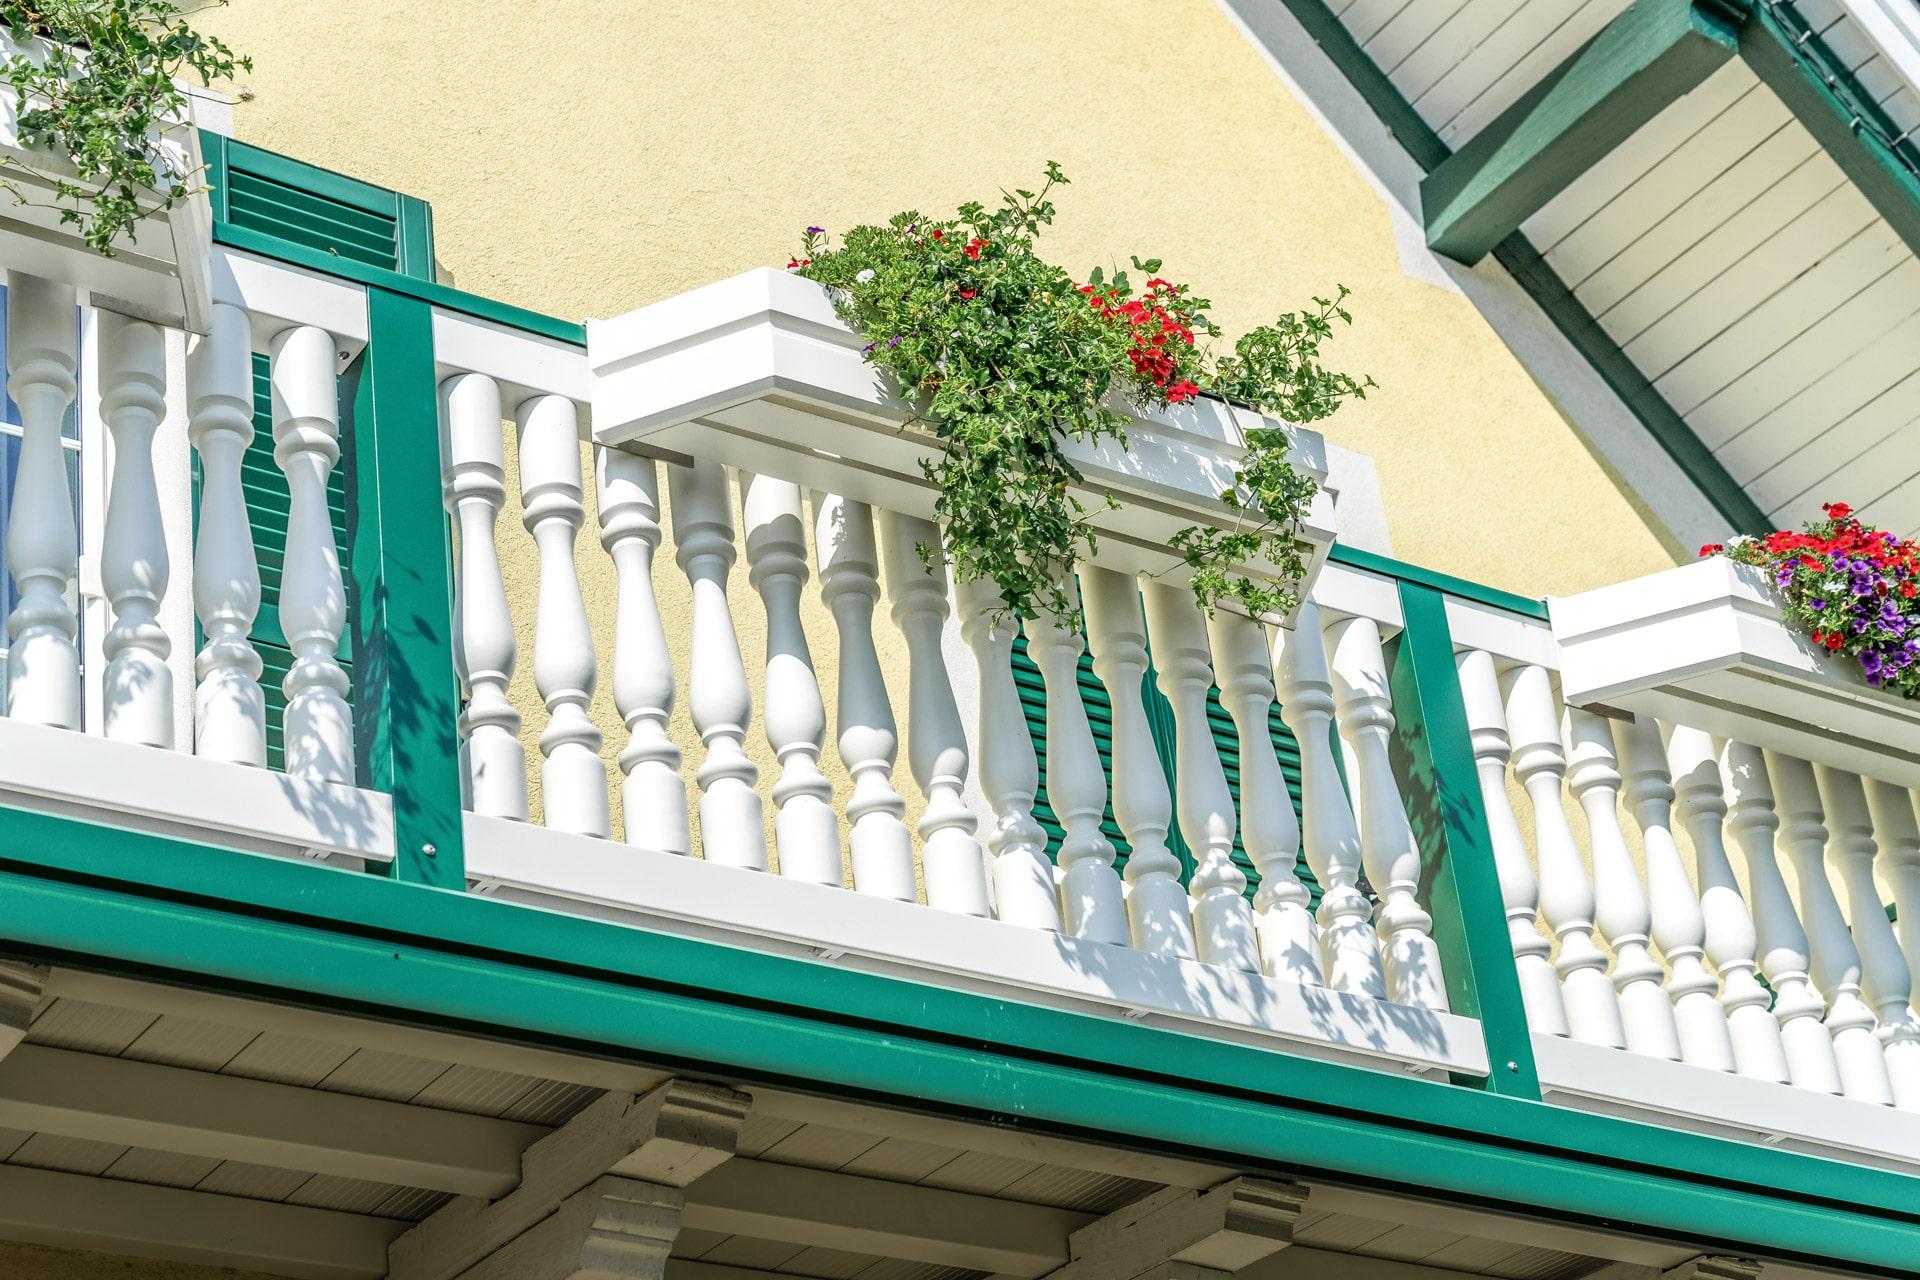 Neunkirchen 01 c | Aluminium-Balustraden Balkon weiß moosgrün mit Aluminium-Blumenkästen | Svoboda